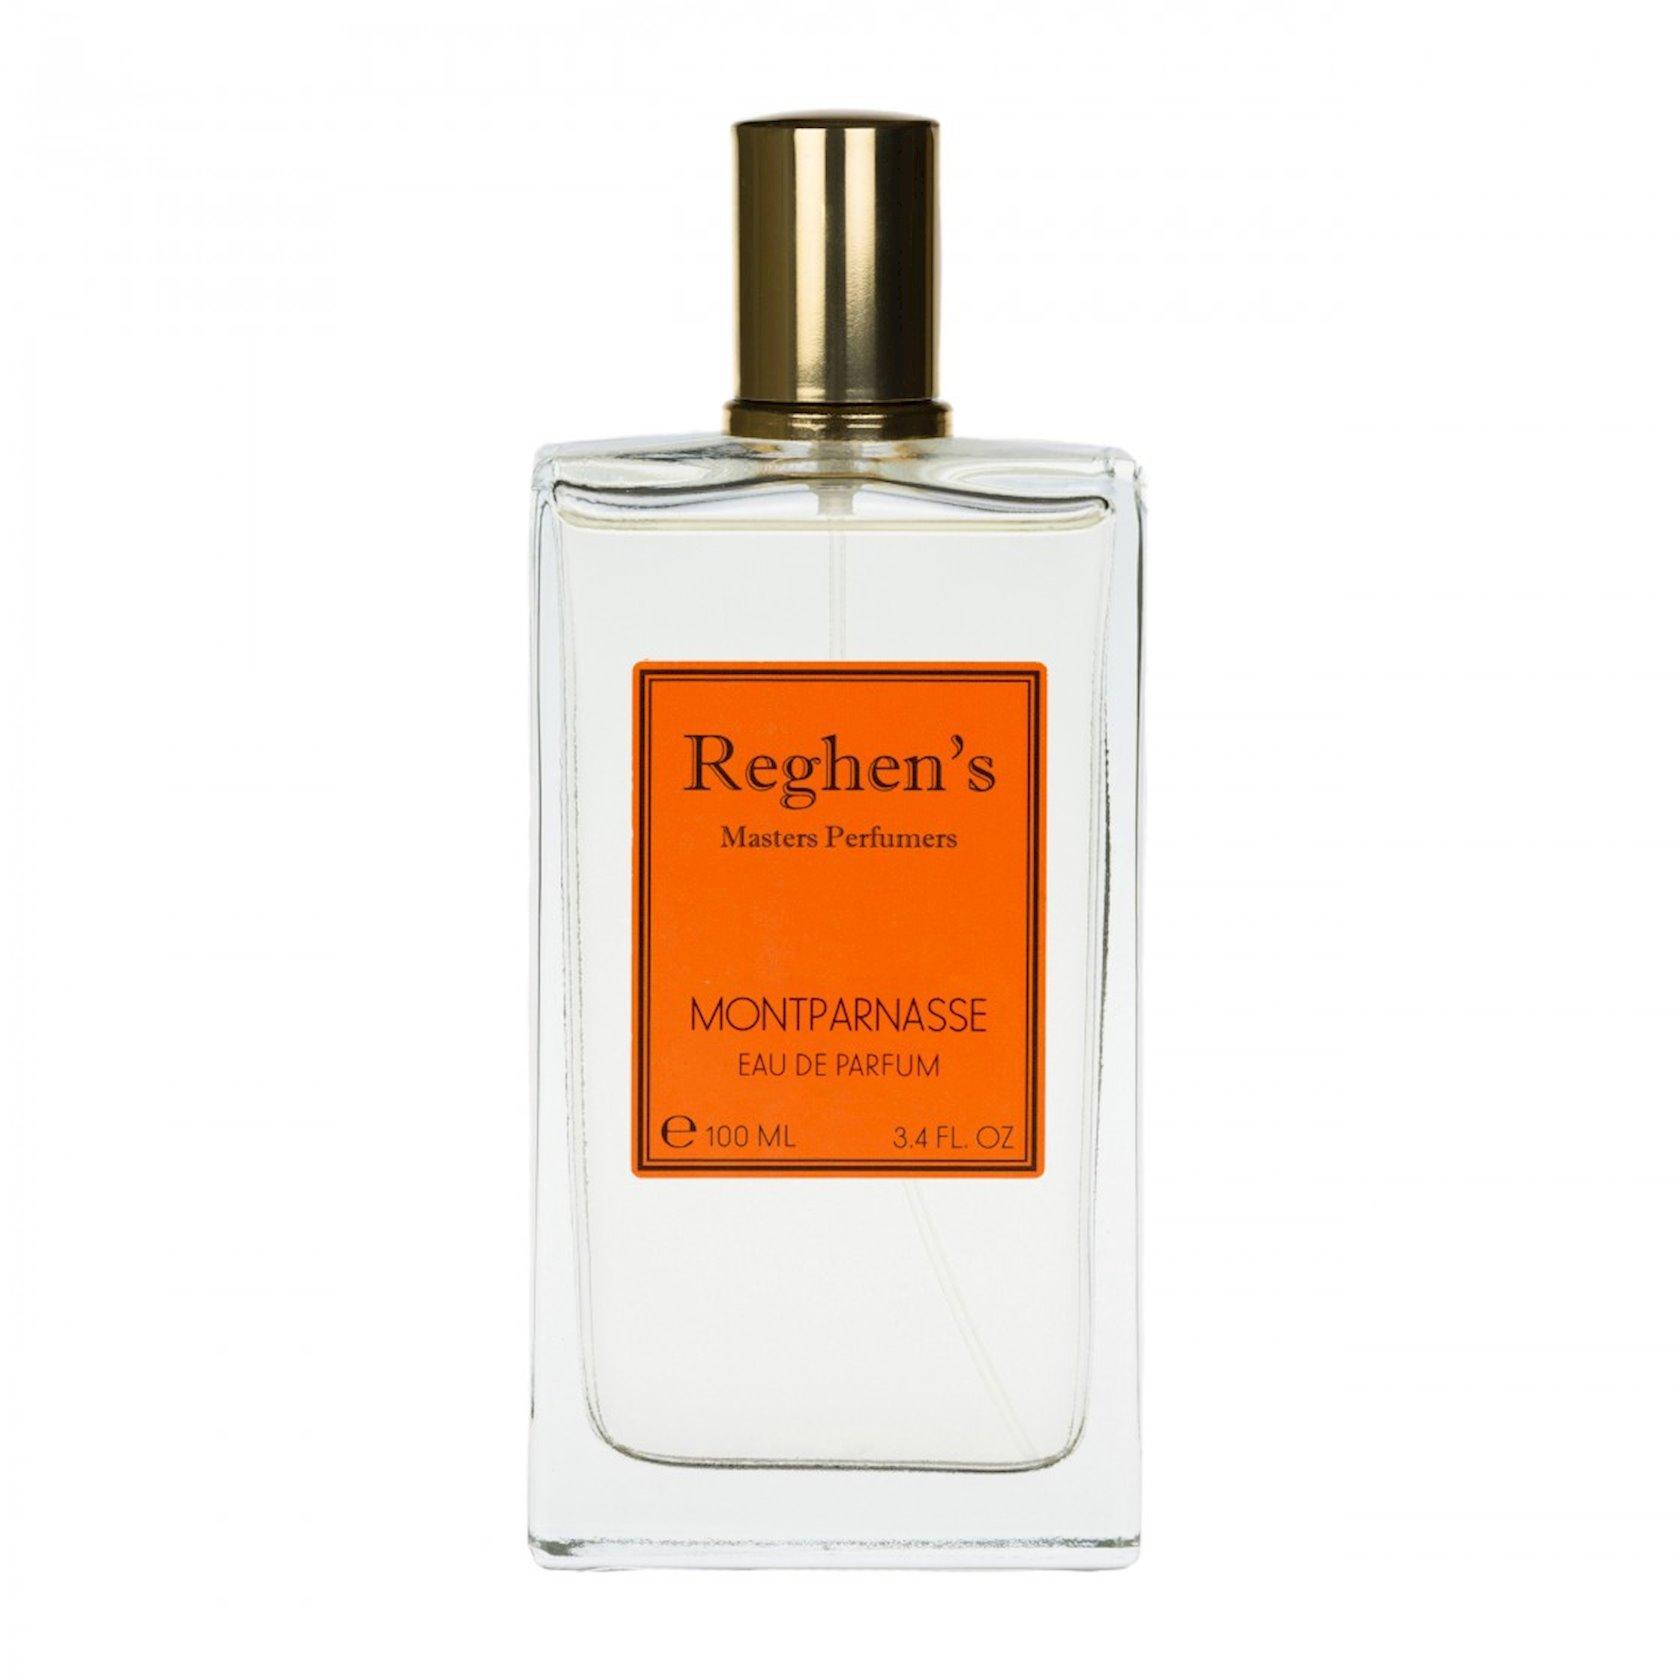 Uniseks ətir suyu Reghen's Masters Perfumers Montparnasse 100ml